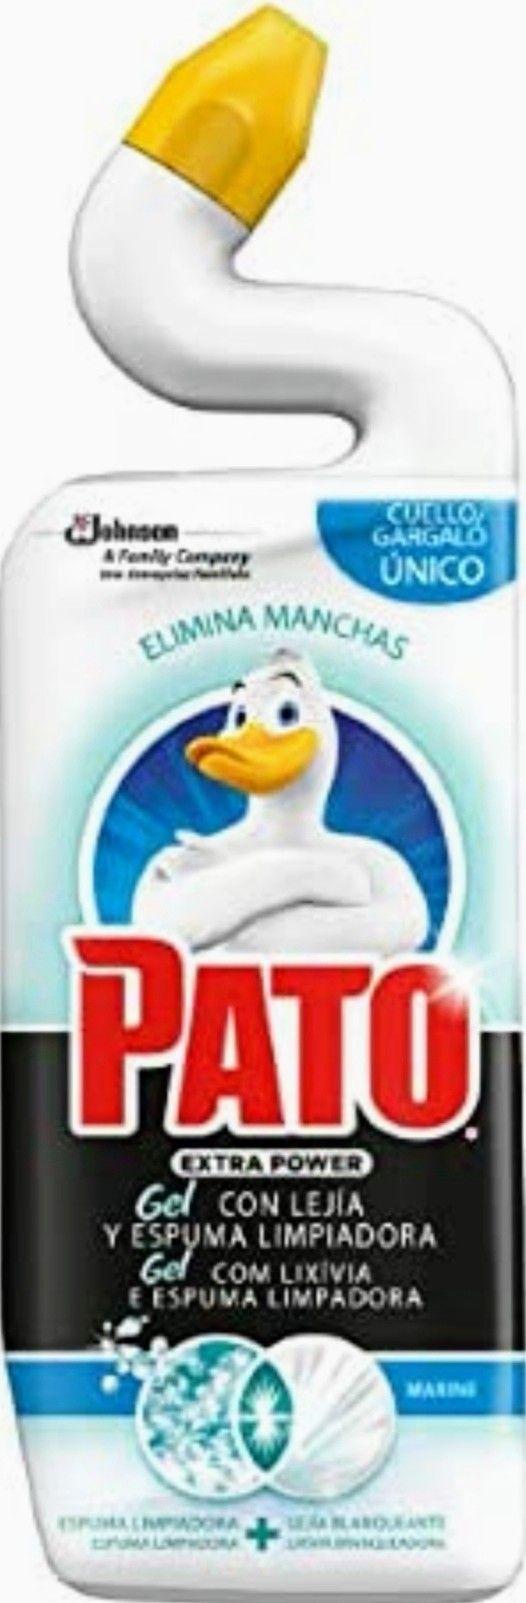 PATO - WC Power Lejía Fragancia Marine(1.32€ la Und. comprando 3)